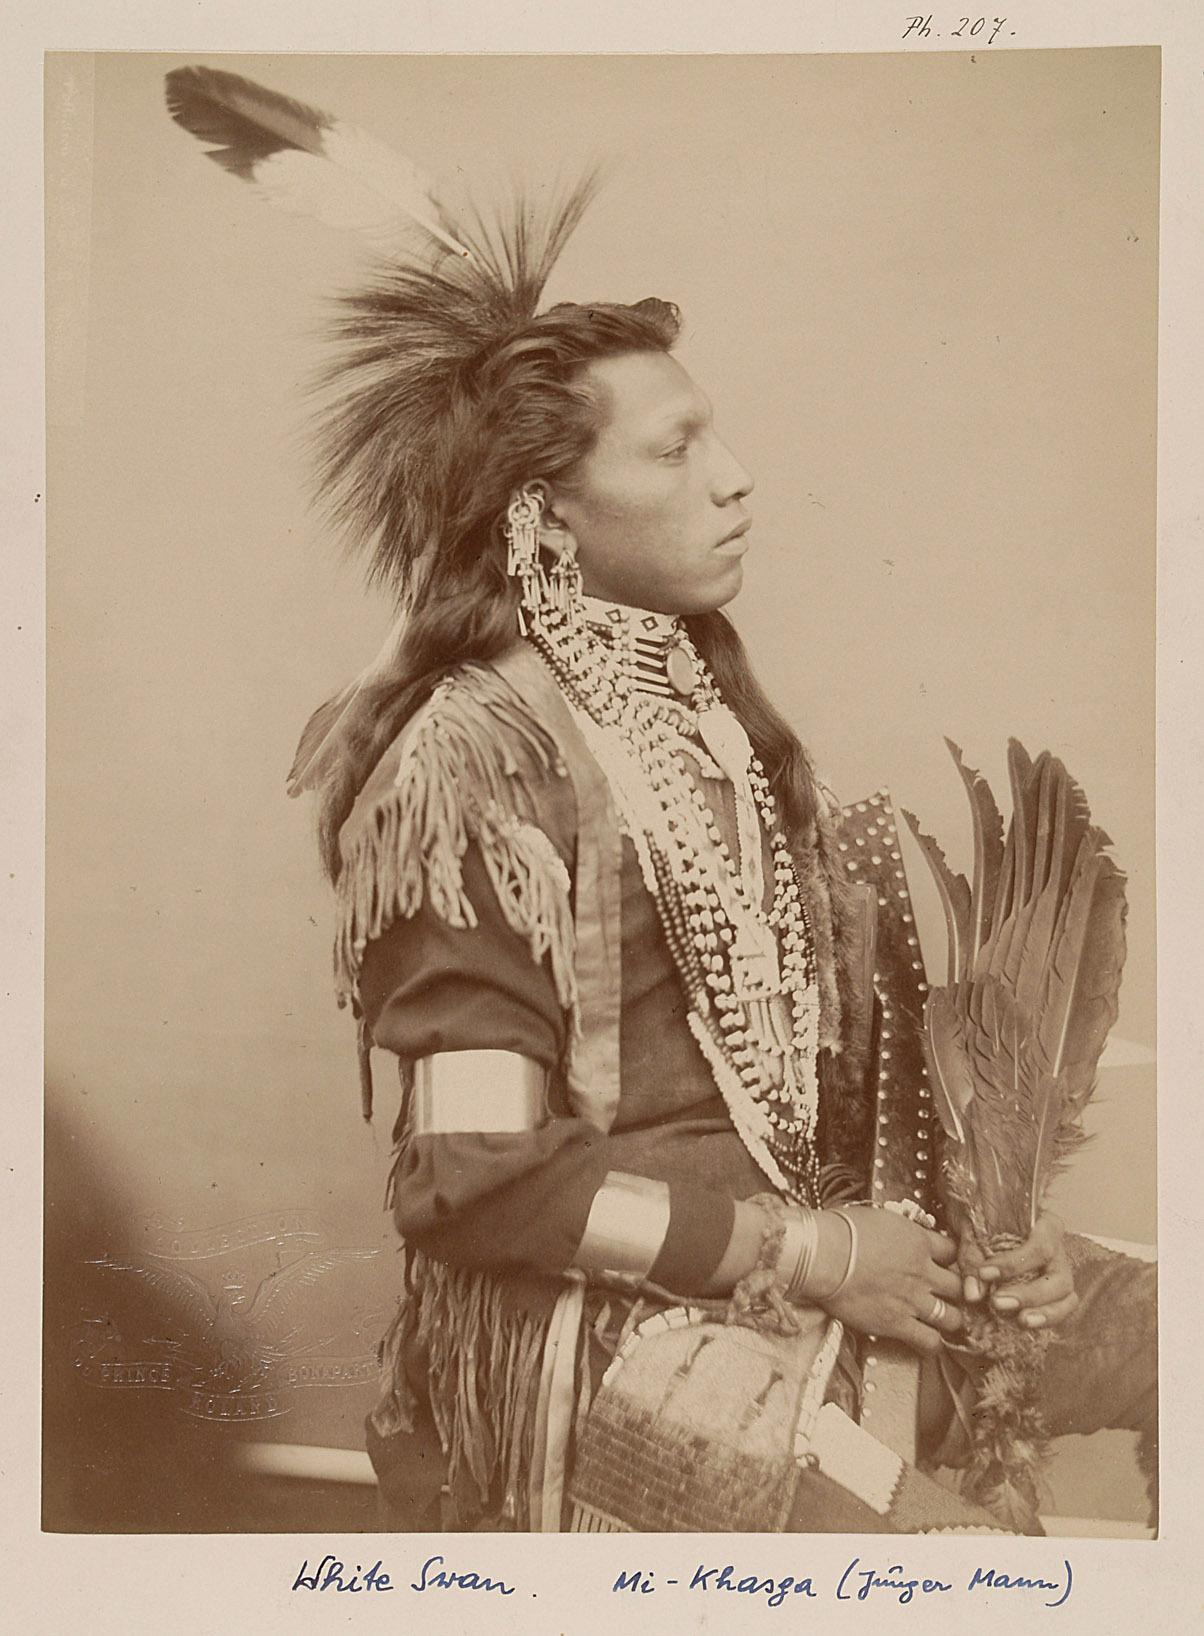 White Swan - Mi-Khasga. Junger Mann. Profilansicht von Prinz Roland Napoléon Bonaparte